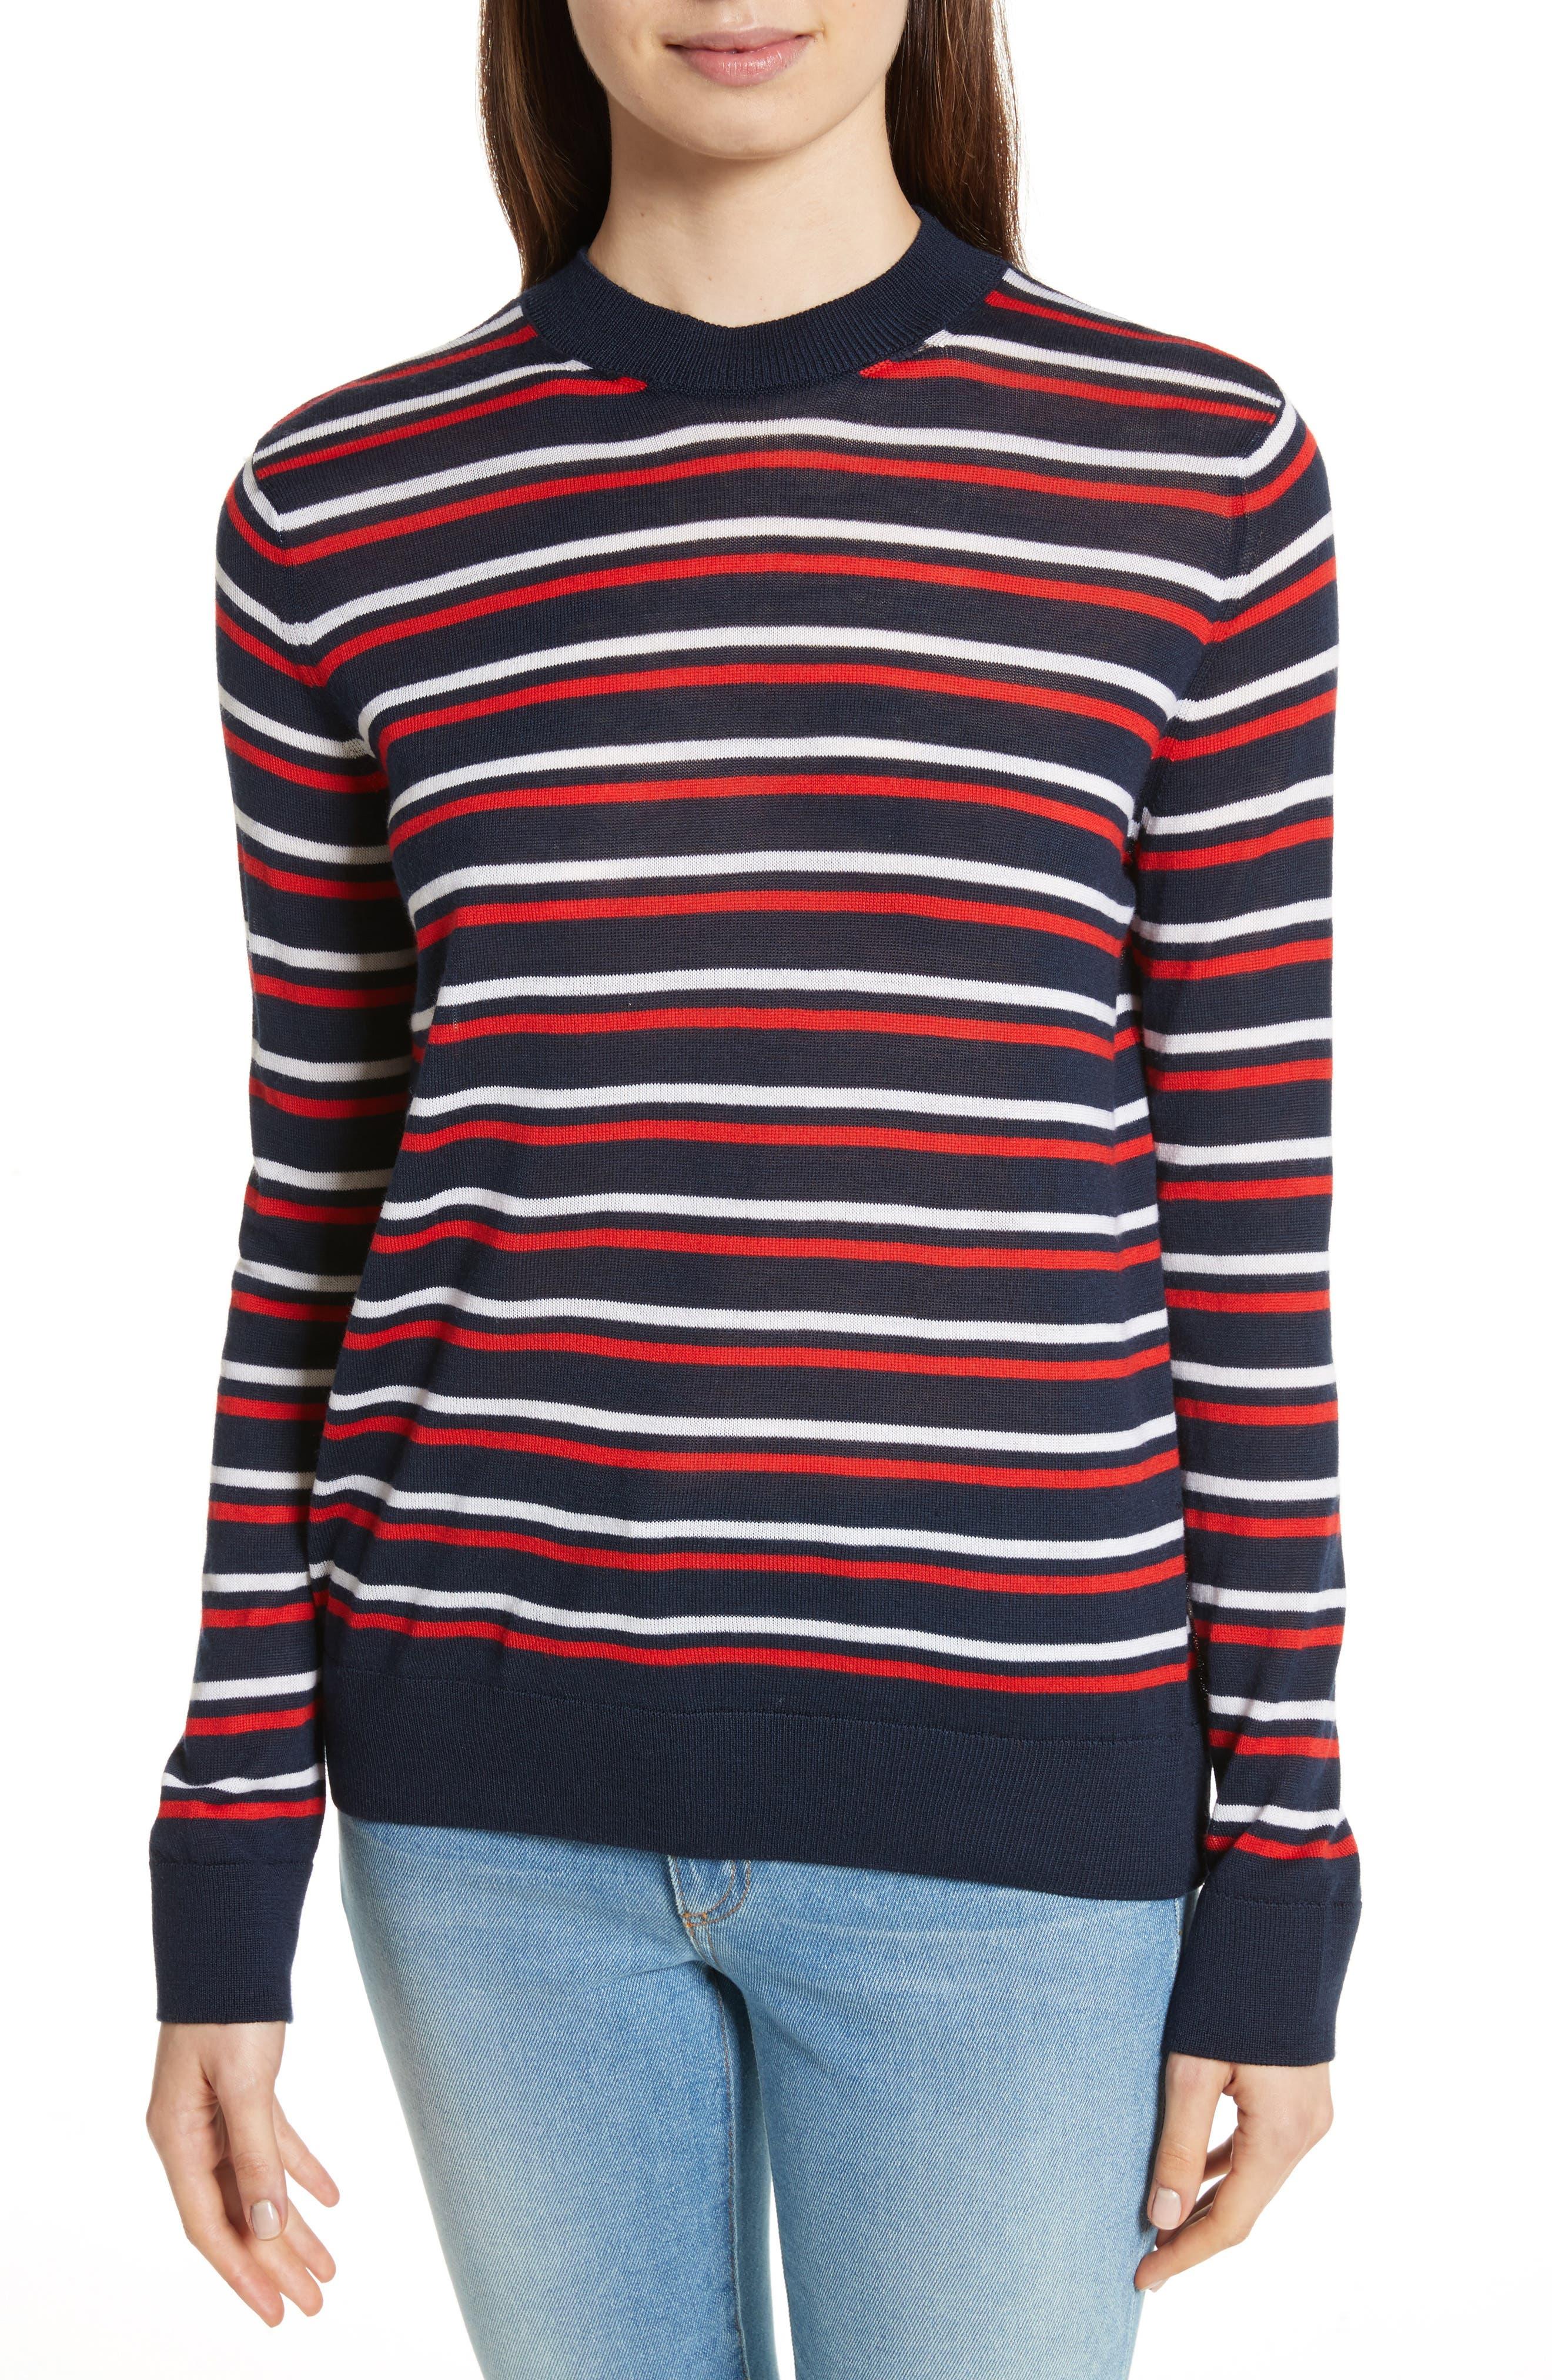 Alternate Image 1 Selected - être cécile Stripe Knit Boyfriend Sweater